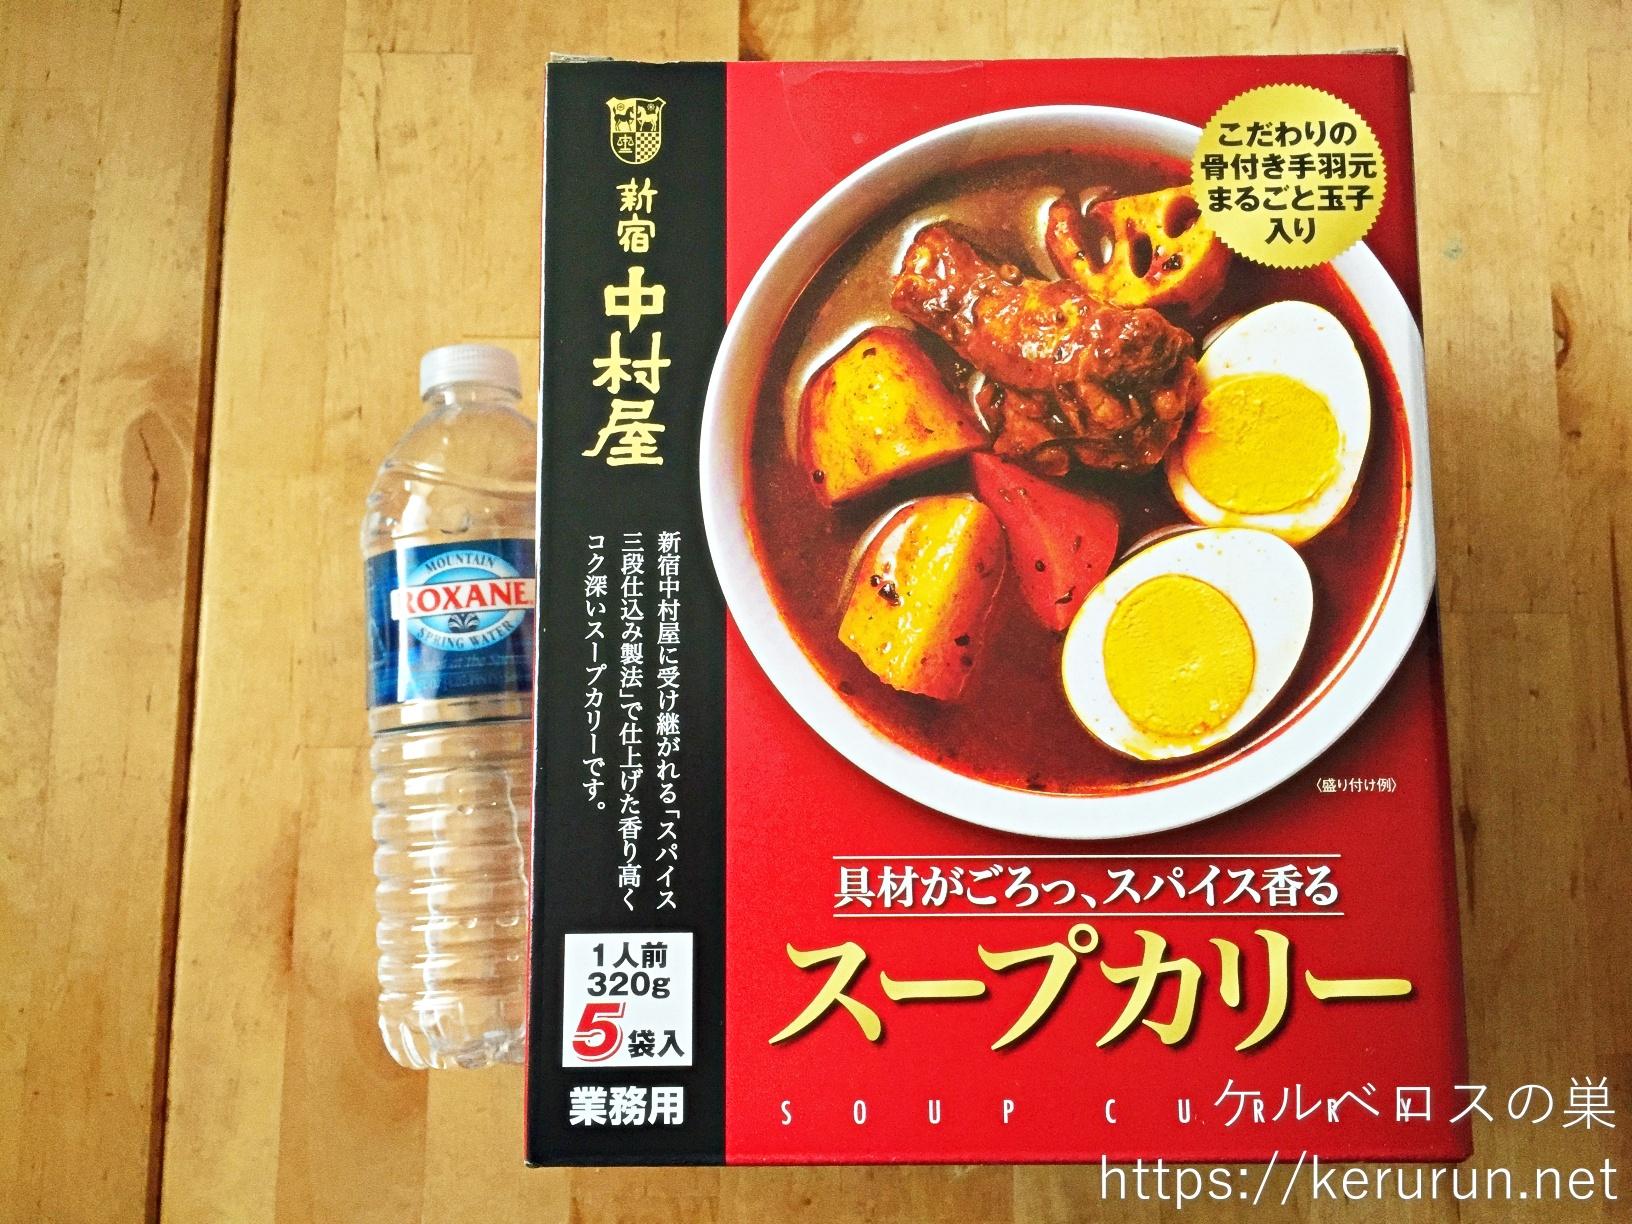 【コストコ】新宿中村屋スープカリー